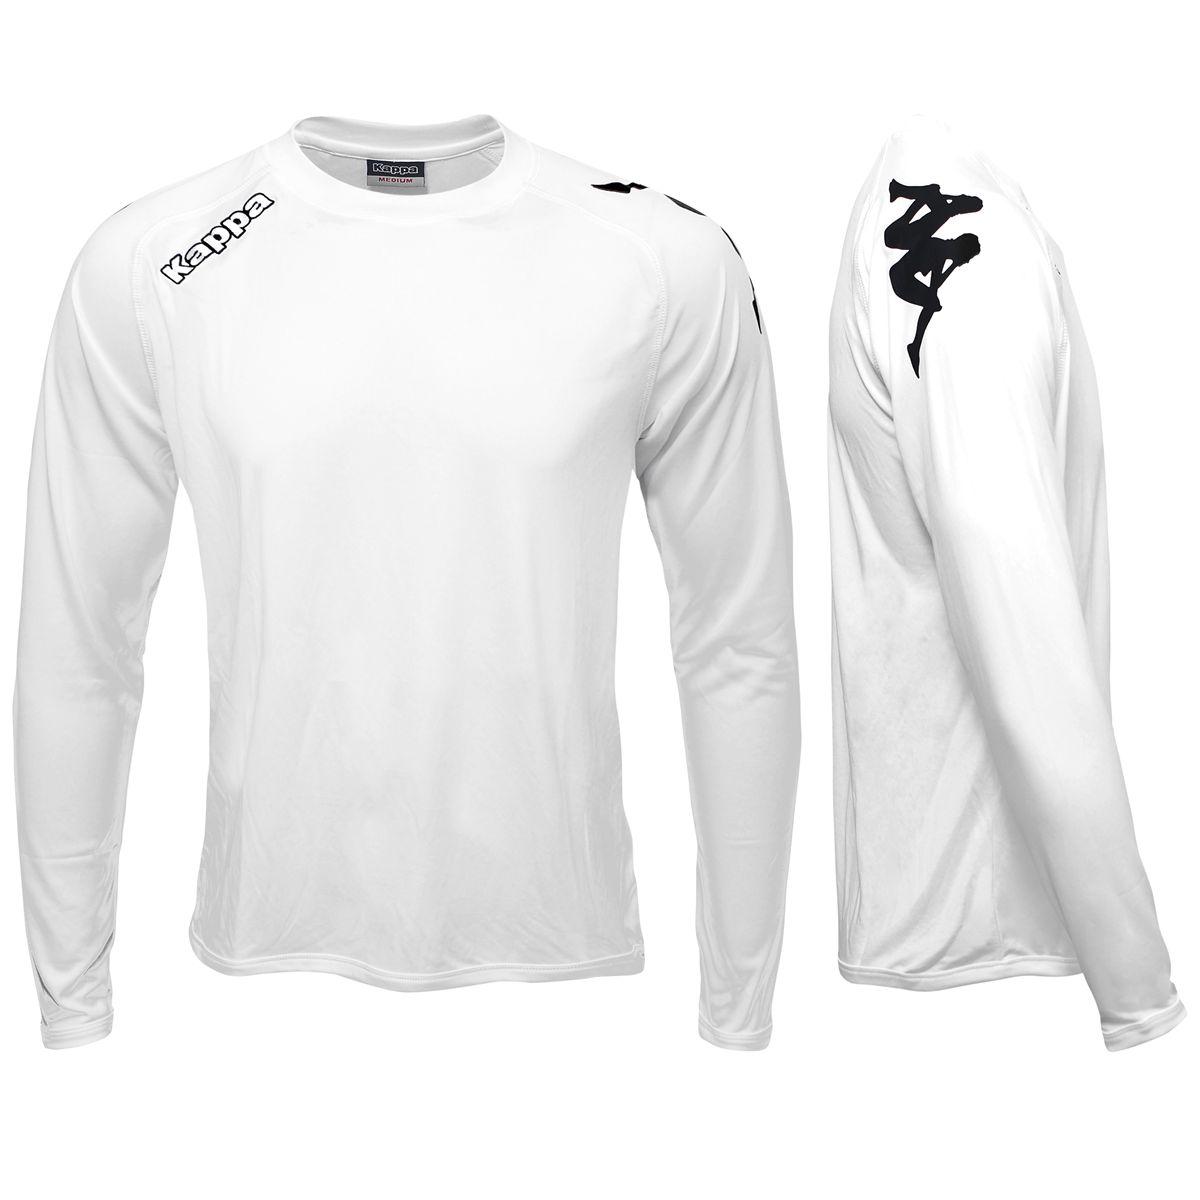 Kappa Shirt T-shirt sport Active Jersey Soccer sport Man